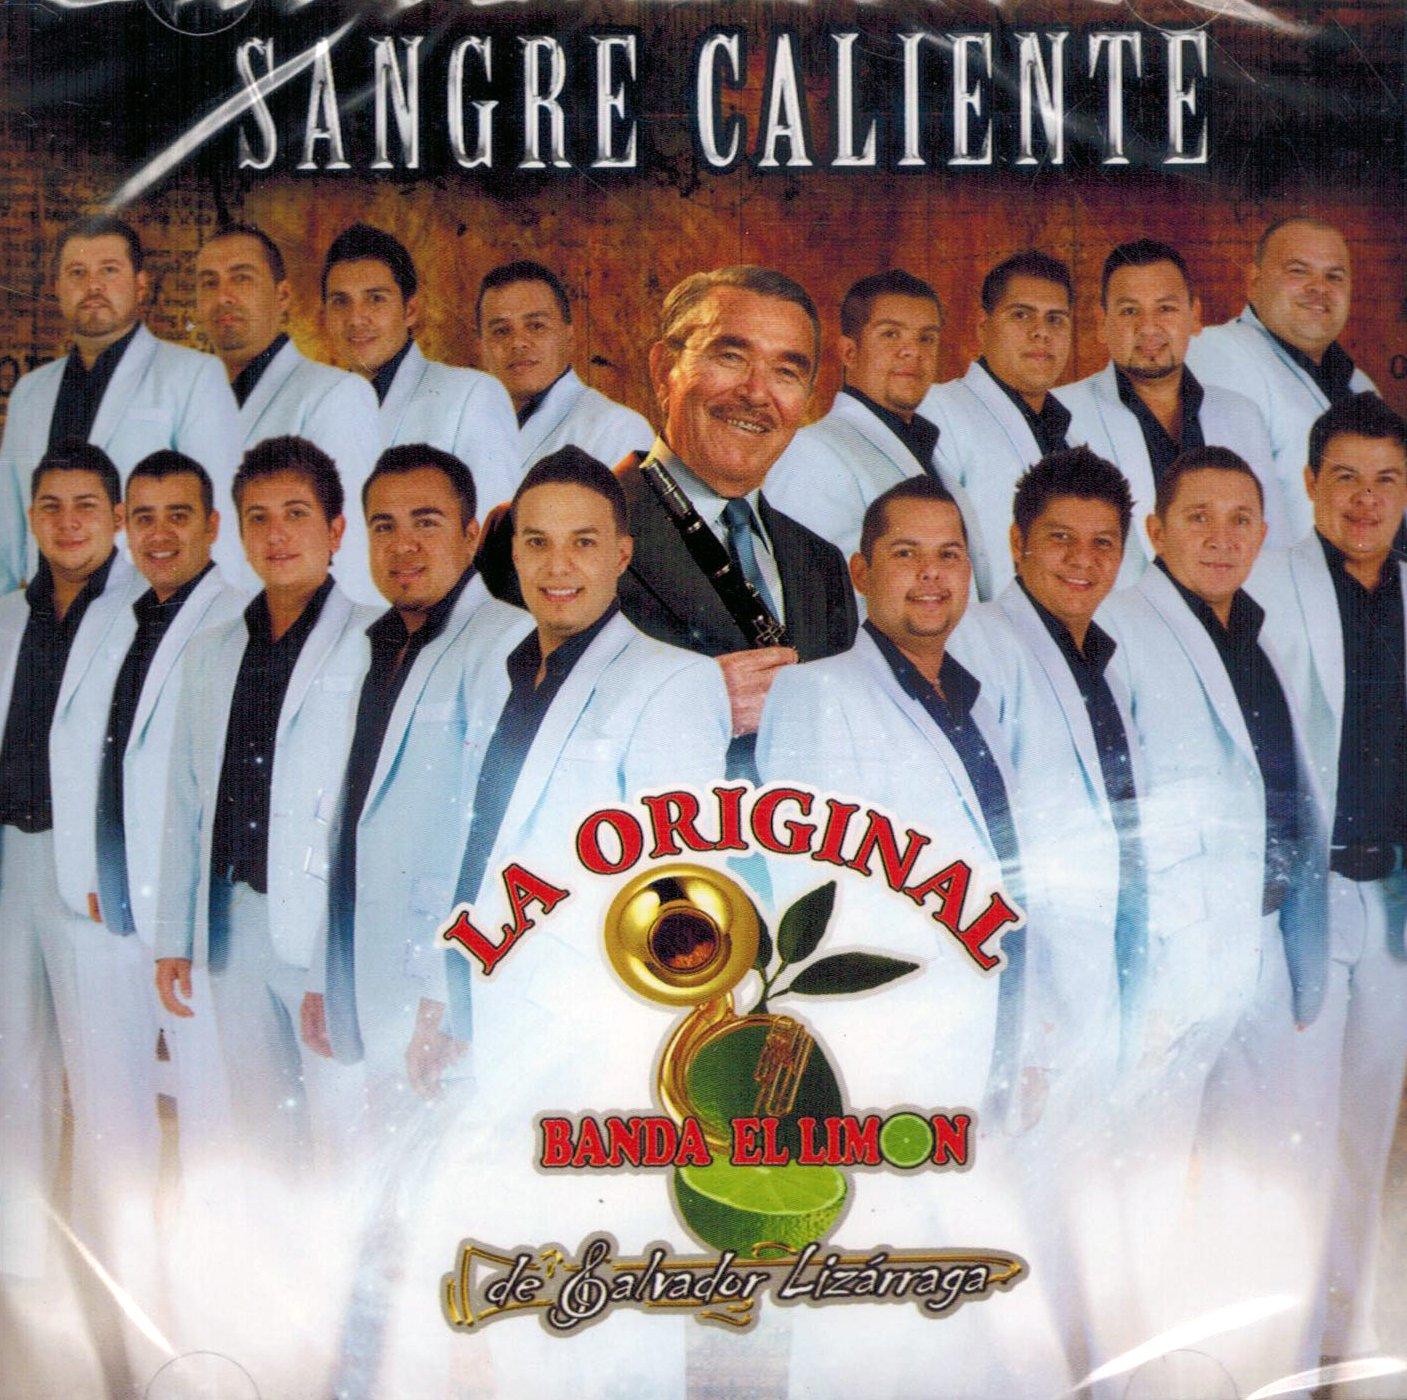 Banda El Limon de Salvador Lizarraga (Sangre Caliente Luz-043) by Luz Records